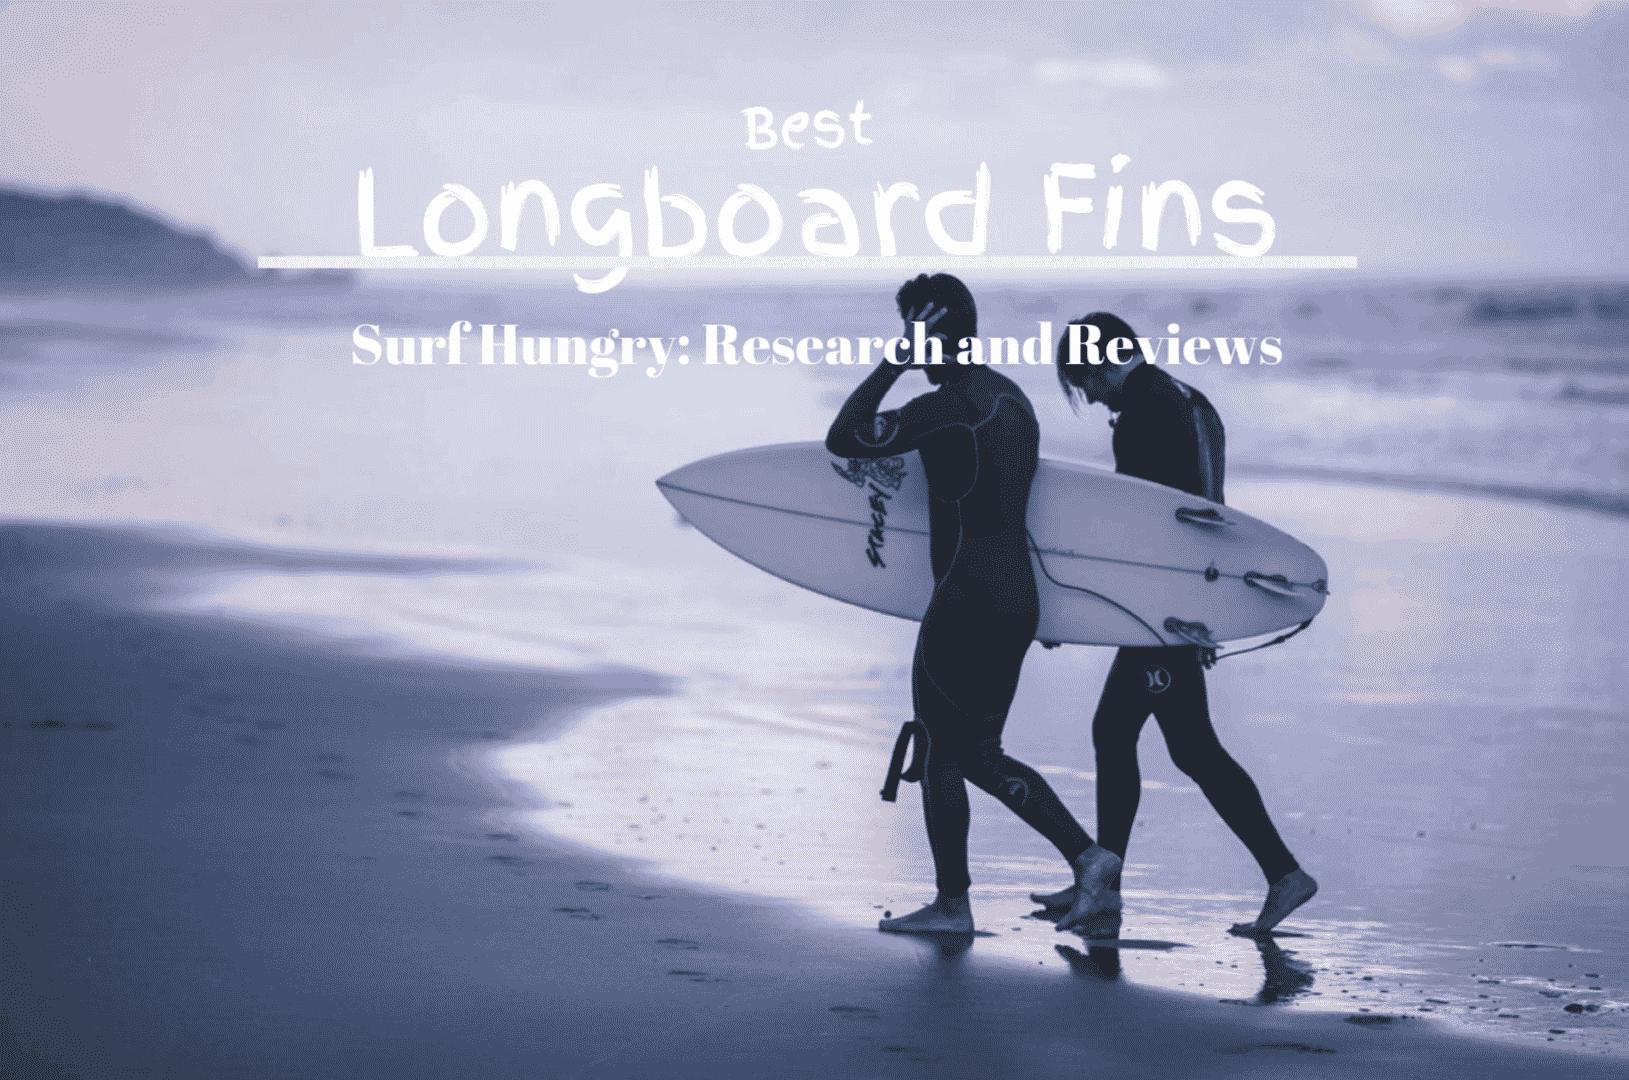 best longboard fins